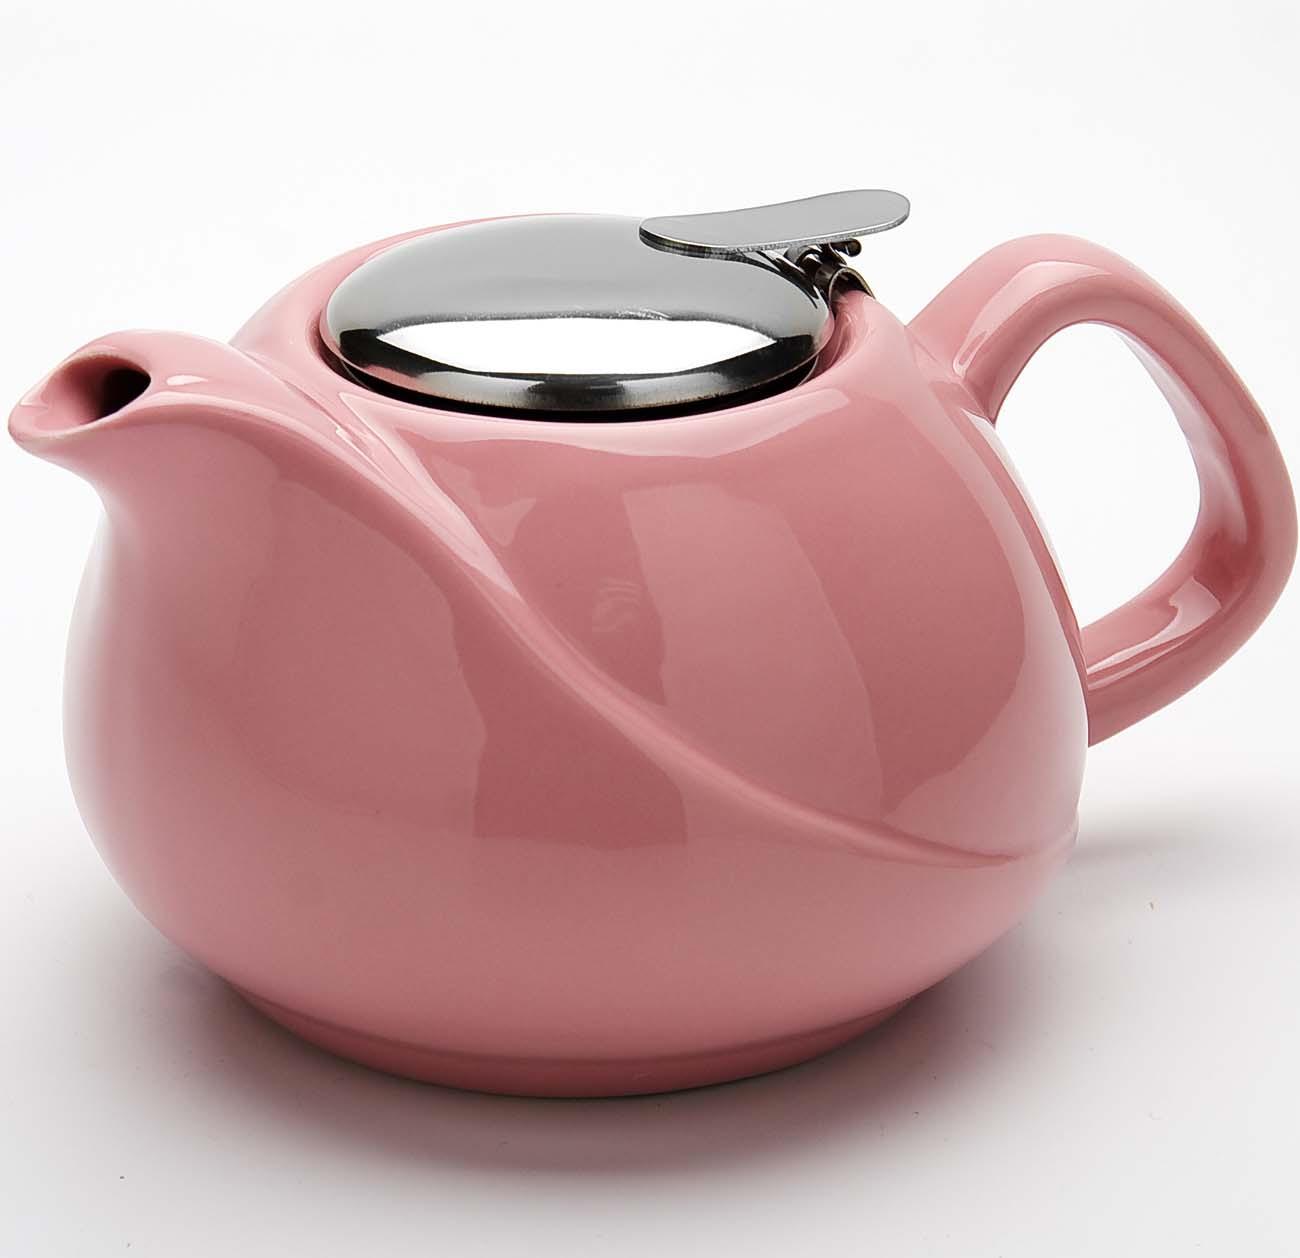 Чайник заварочный Loraine, цвет: розовый, 750 мл заварочный чайник loraine цвет красный 750 мл 26597 3